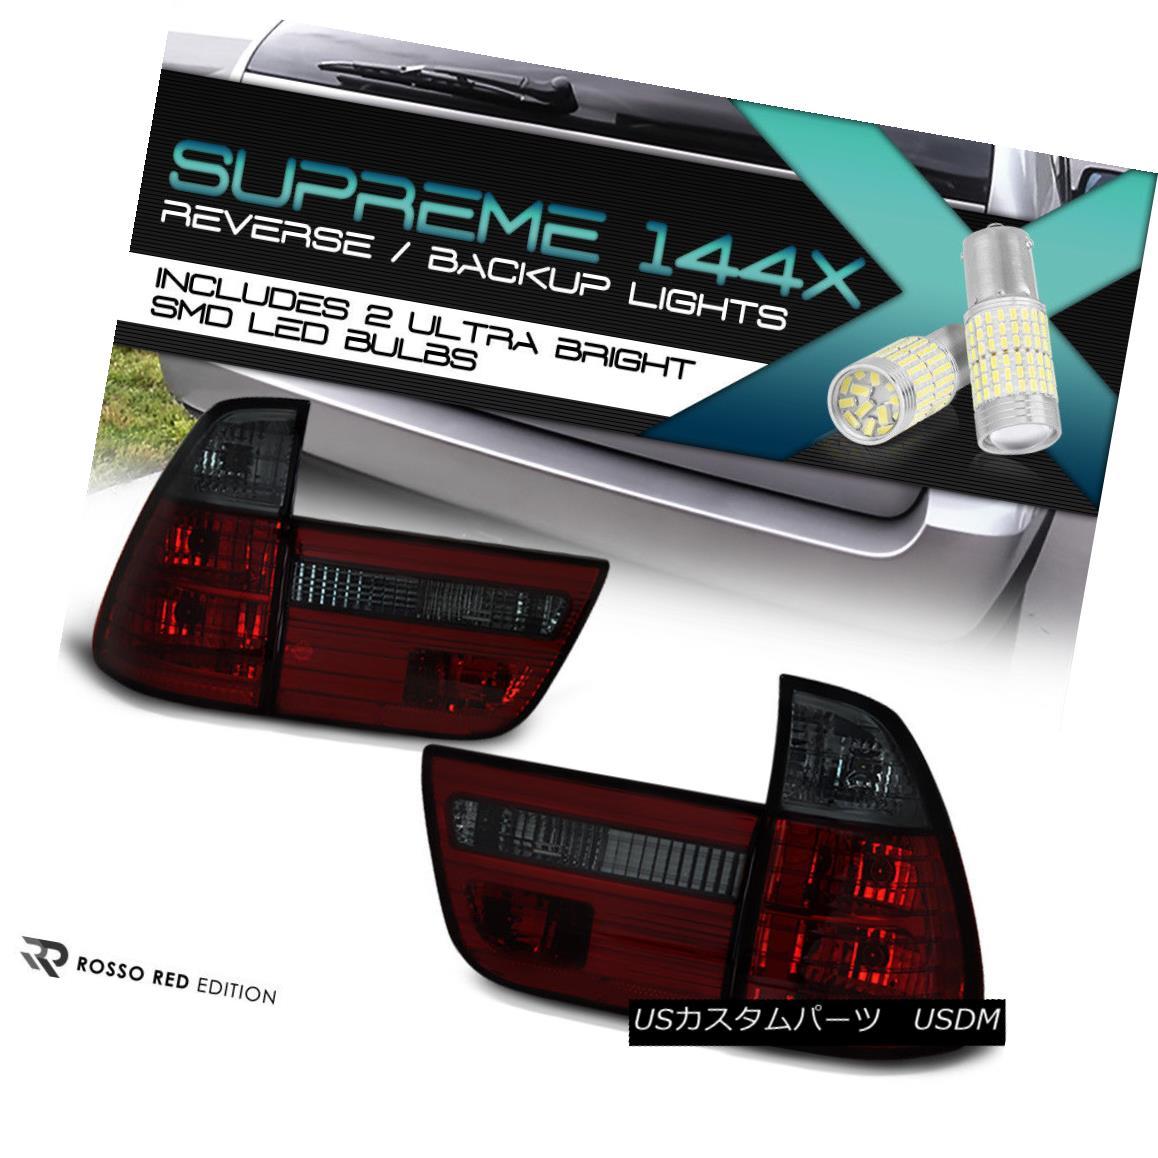 テールライト [FULL SMD BACKUP] WINE RED- 2000-2006 BMW X5 E53 Smoke Euro Tail Lamp LEFT+RIGHT [FULL SMD BACKUP]ワインレッド - 2000-2006 BMW X5 E53スモークユーロテールランプLEFT + RIGHT